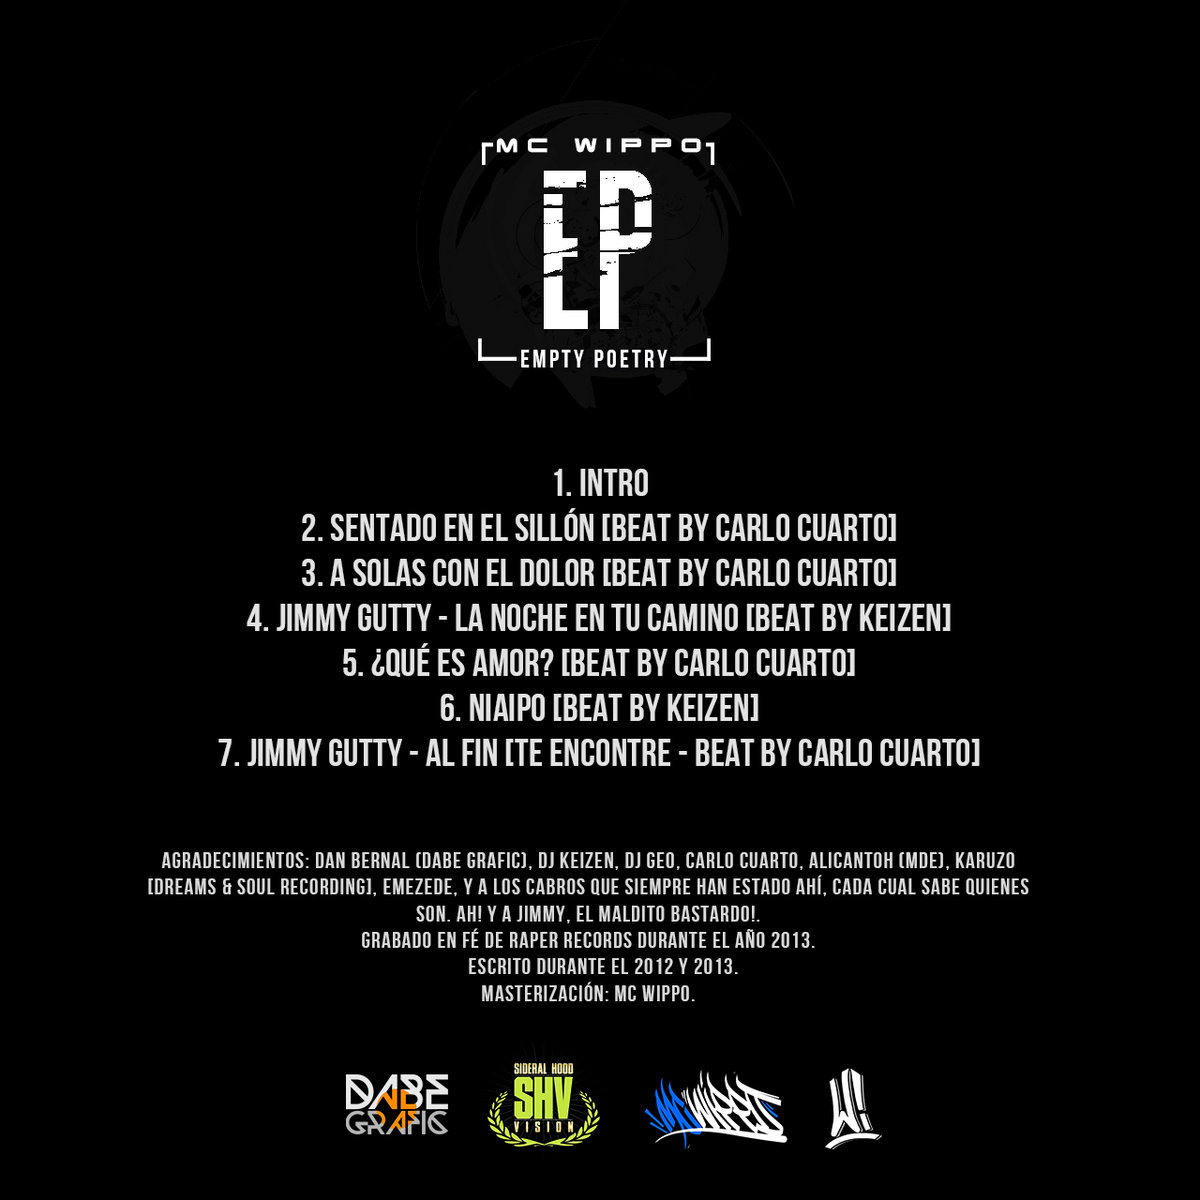 Download dj djimmy 2012